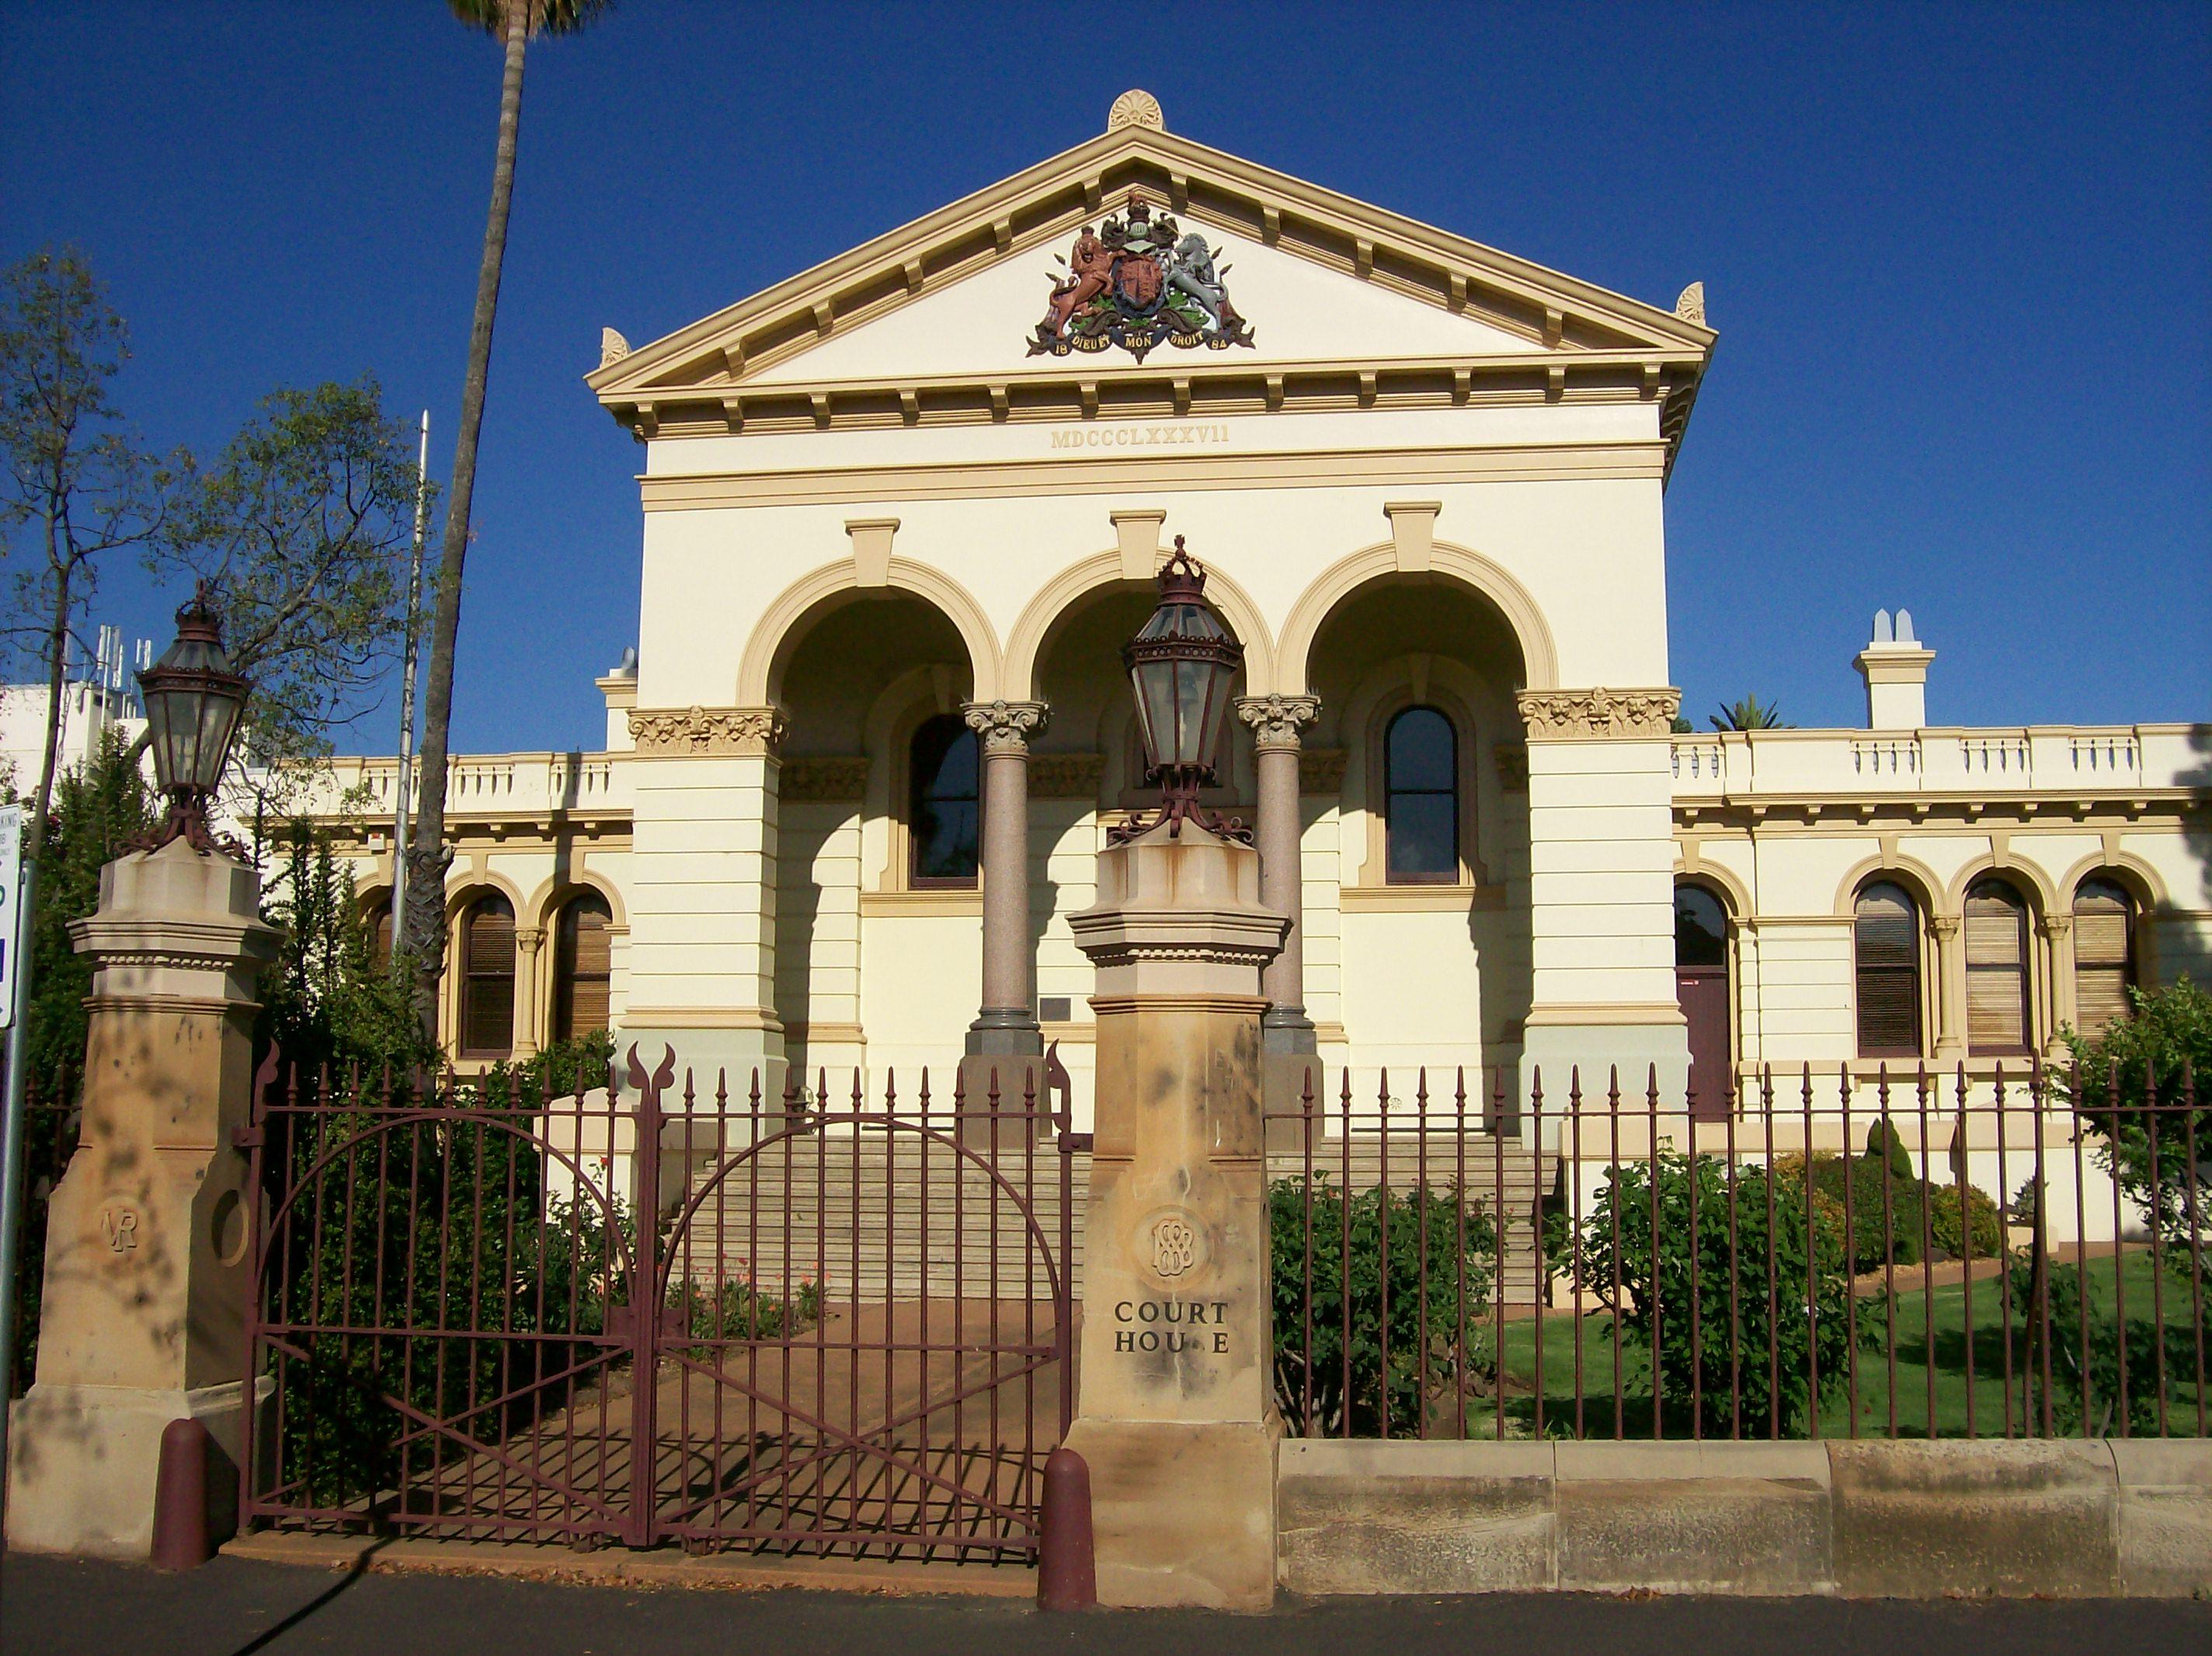 Gilgandra Australia  City pictures : Dubbo Courthouse. Gilgandra, Australia